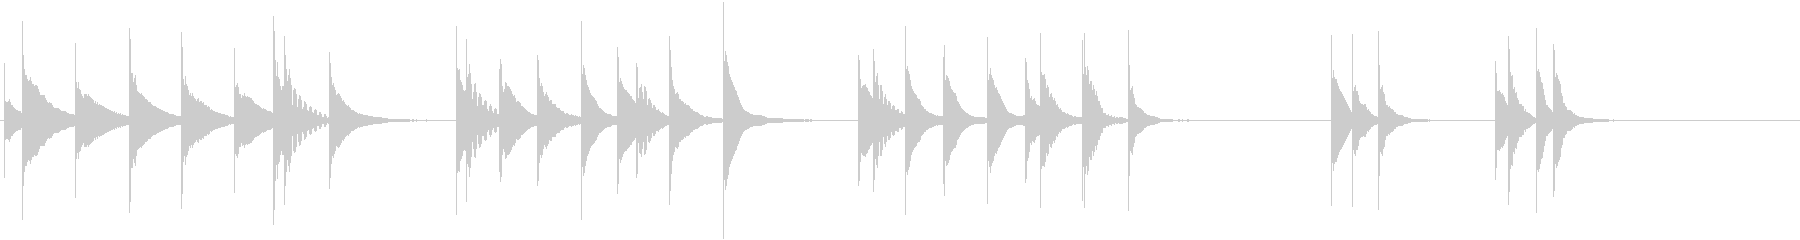 木製木琴:忍び寄る、漫画コメディパ...の未再生の波形